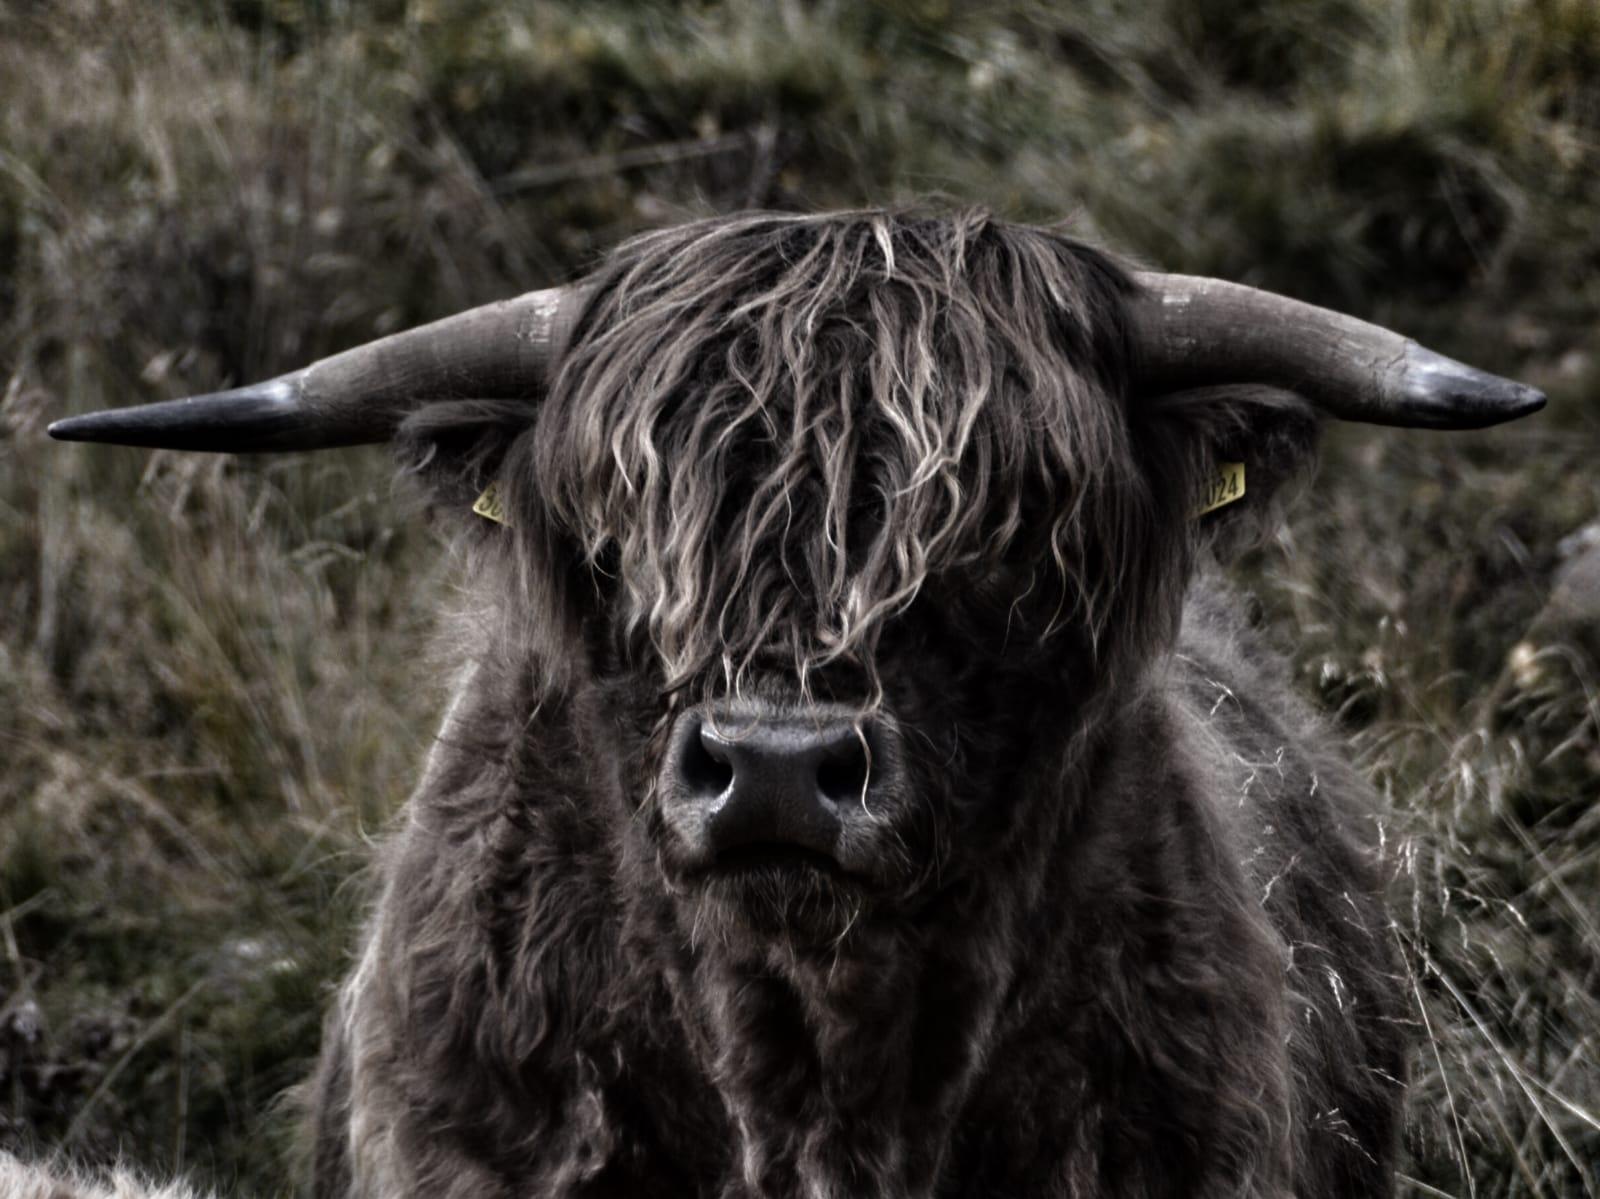 Highland Cow Head On